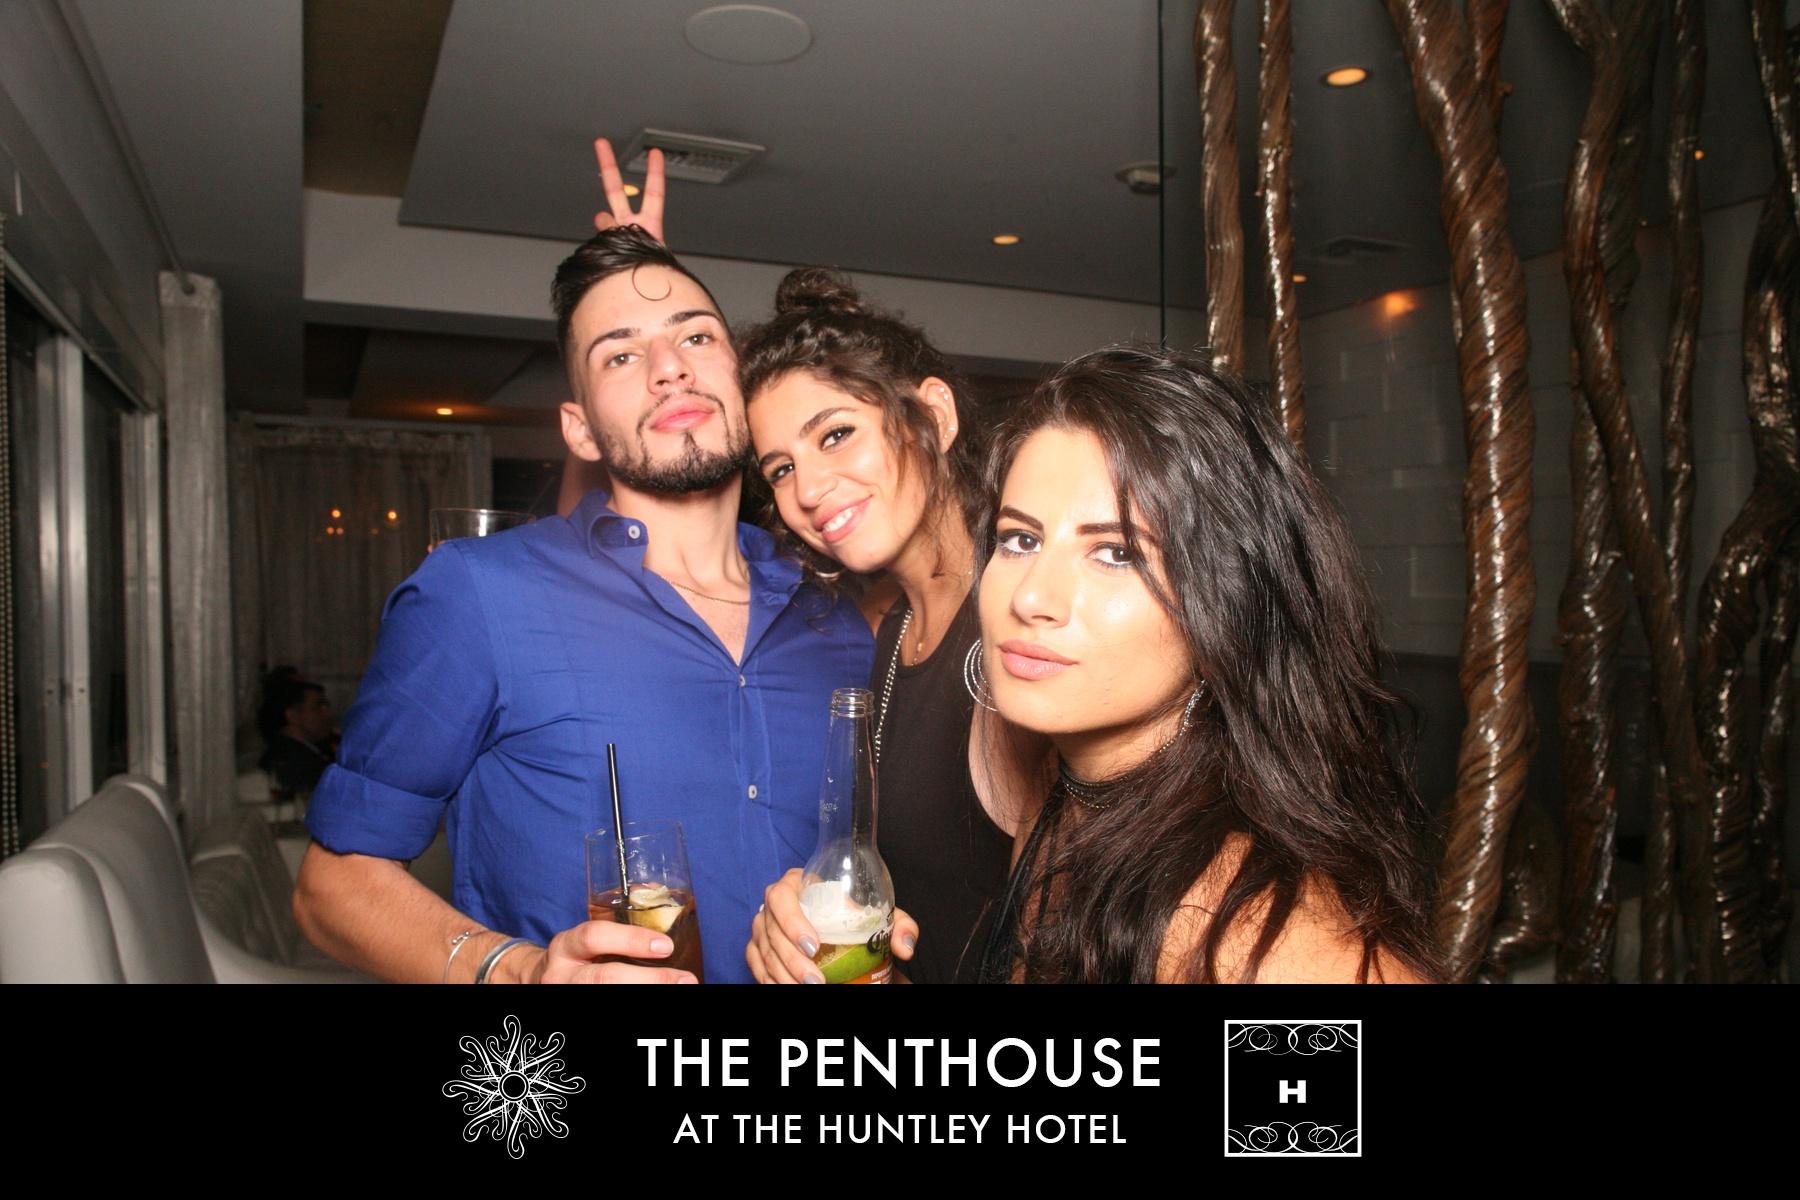 huntleyhotel-penthouse-78076.jpg